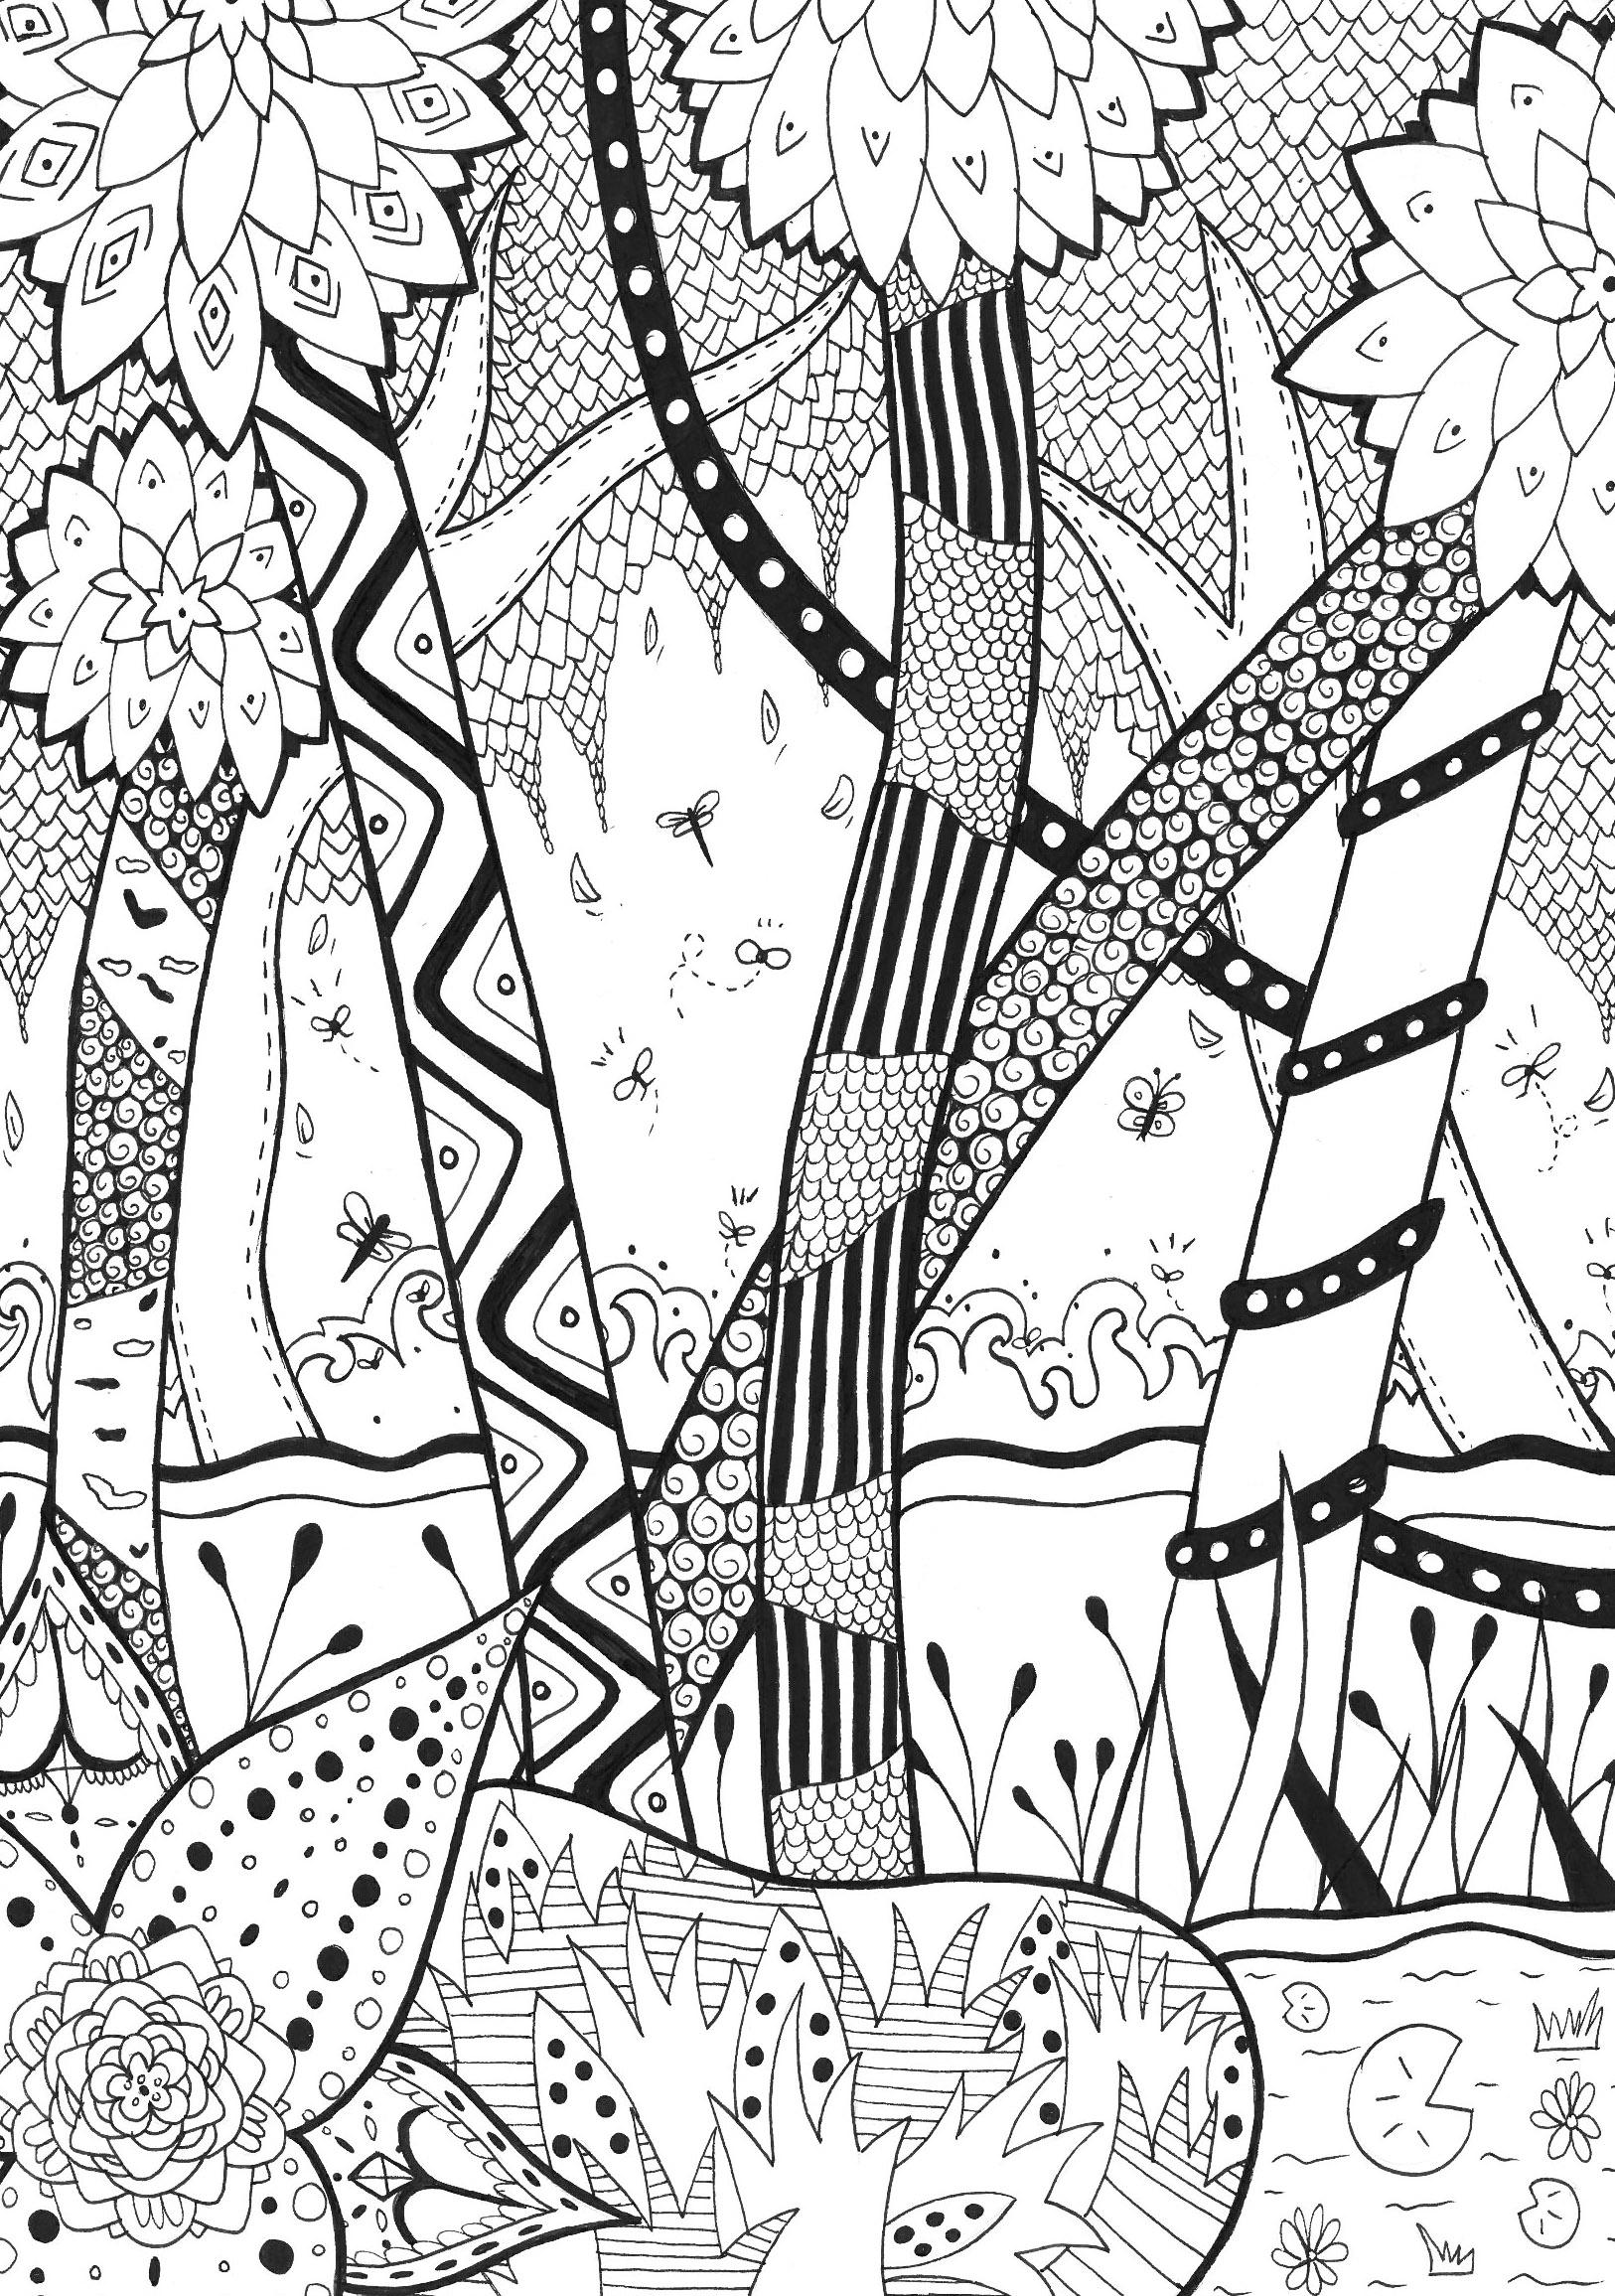 Cette forêt est vraiment incroyable avec toutes ces petites formes.A partir de la galerie : Jungle Et ForetArtiste : Rachel